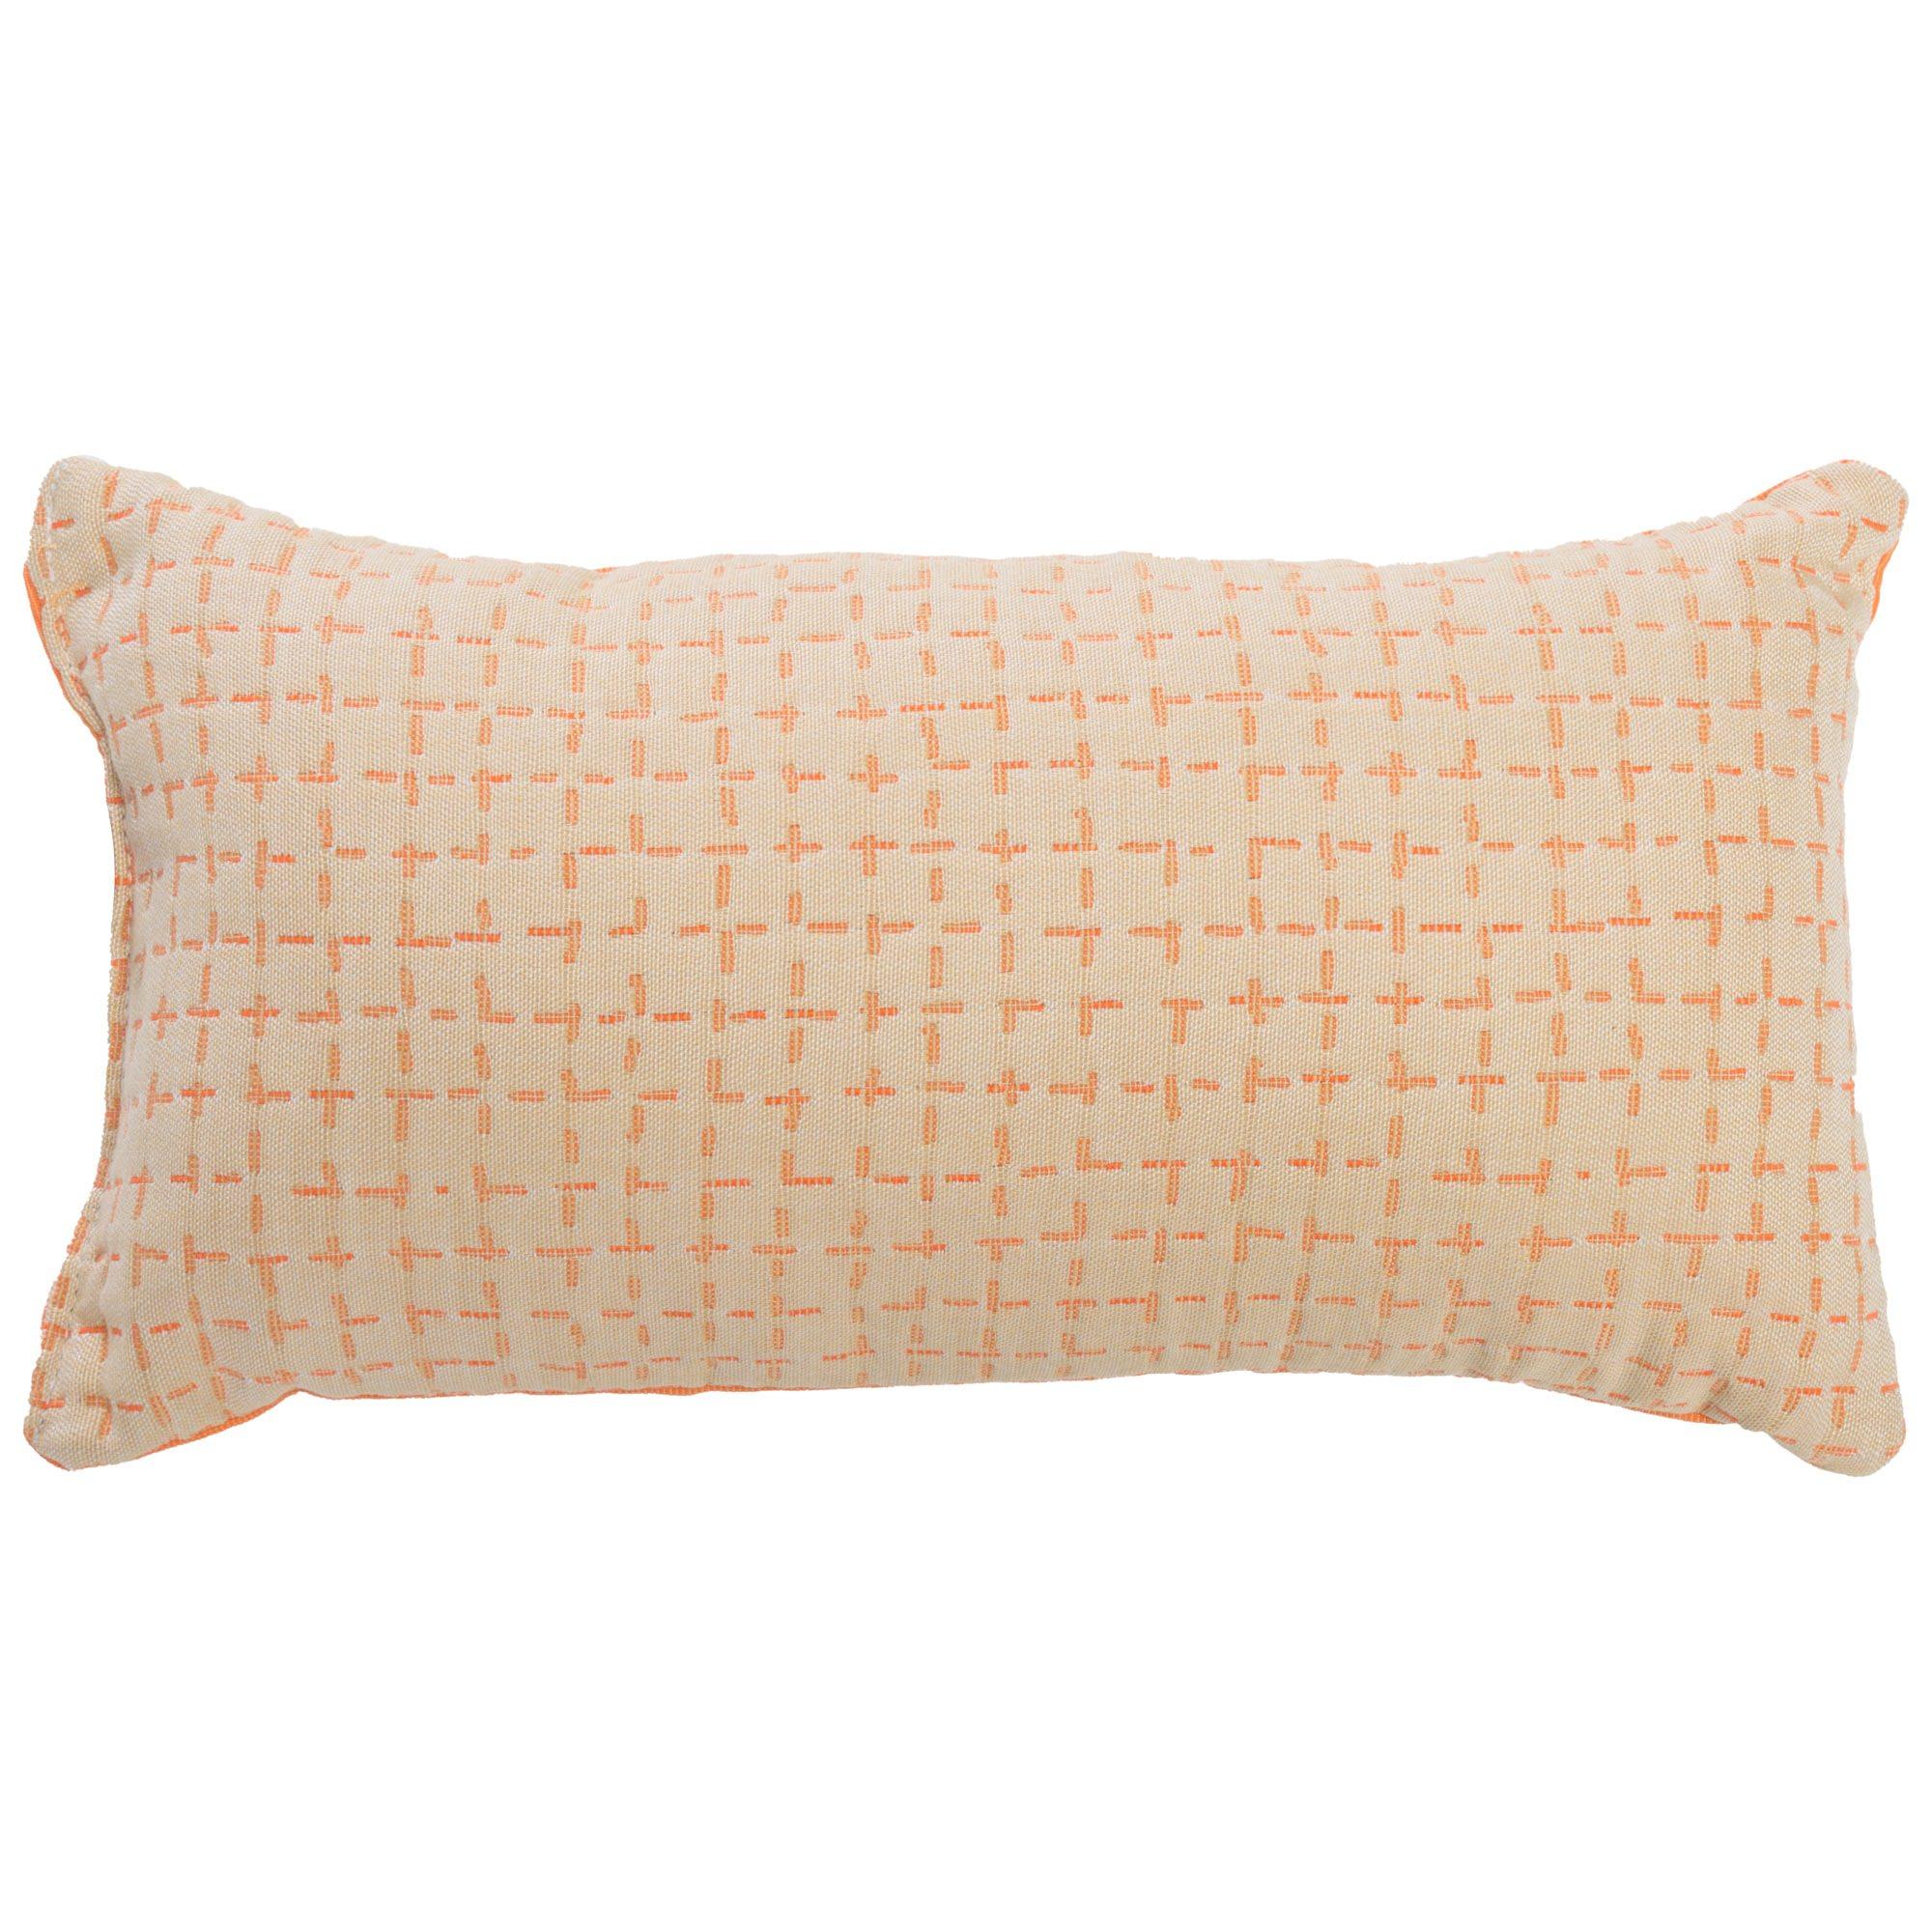 Bellamy Tangelo Sunbrella Outdoor Throw Pillow